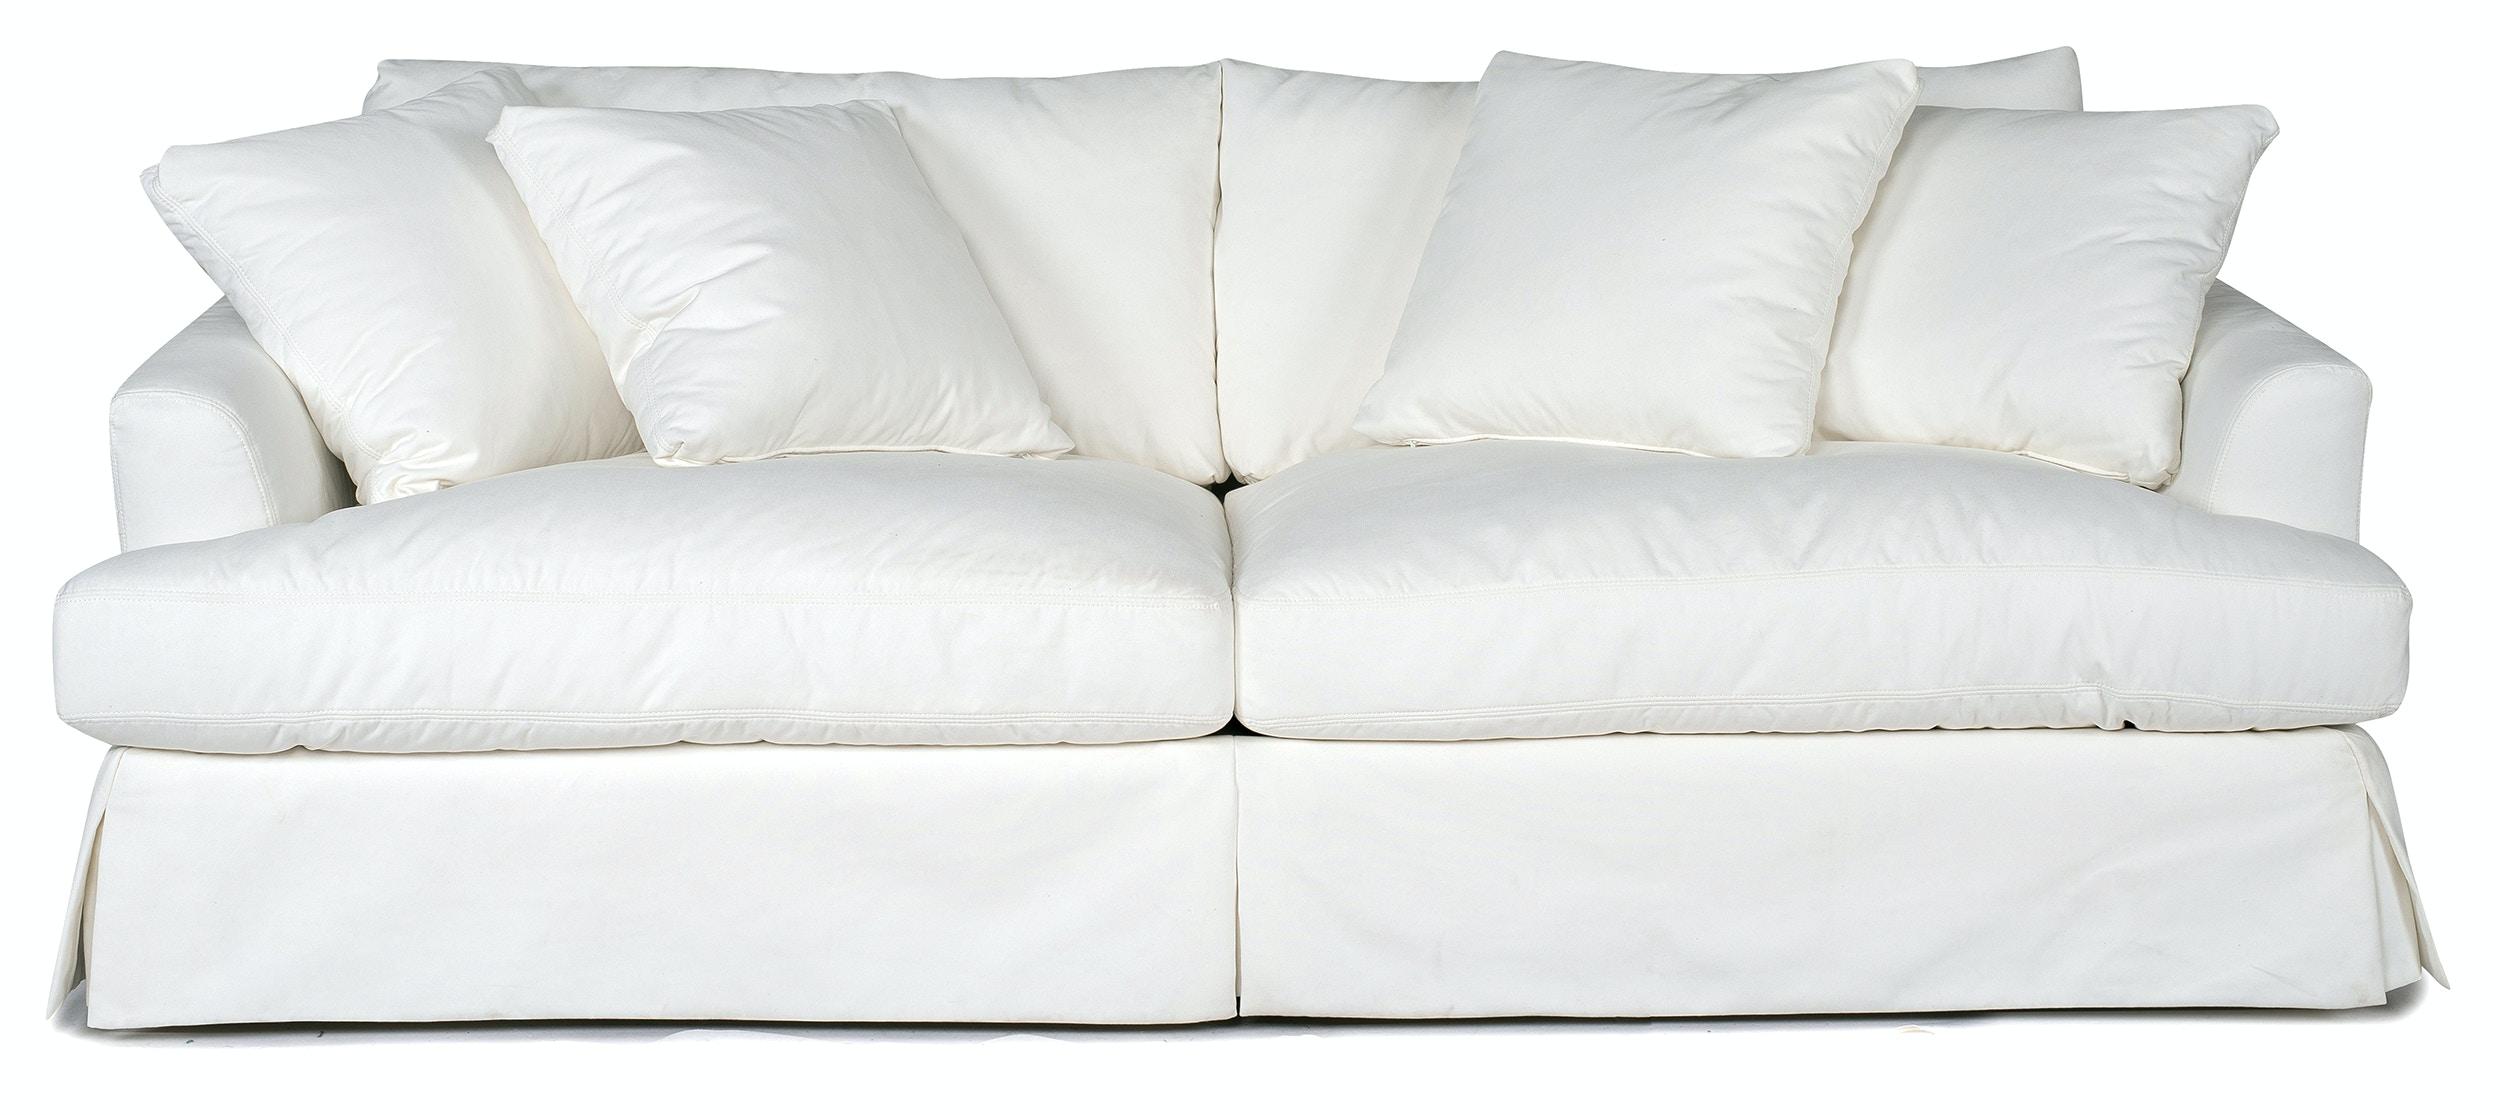 Charmant Lily Slipcovered Sofa   WHITE ST:449753